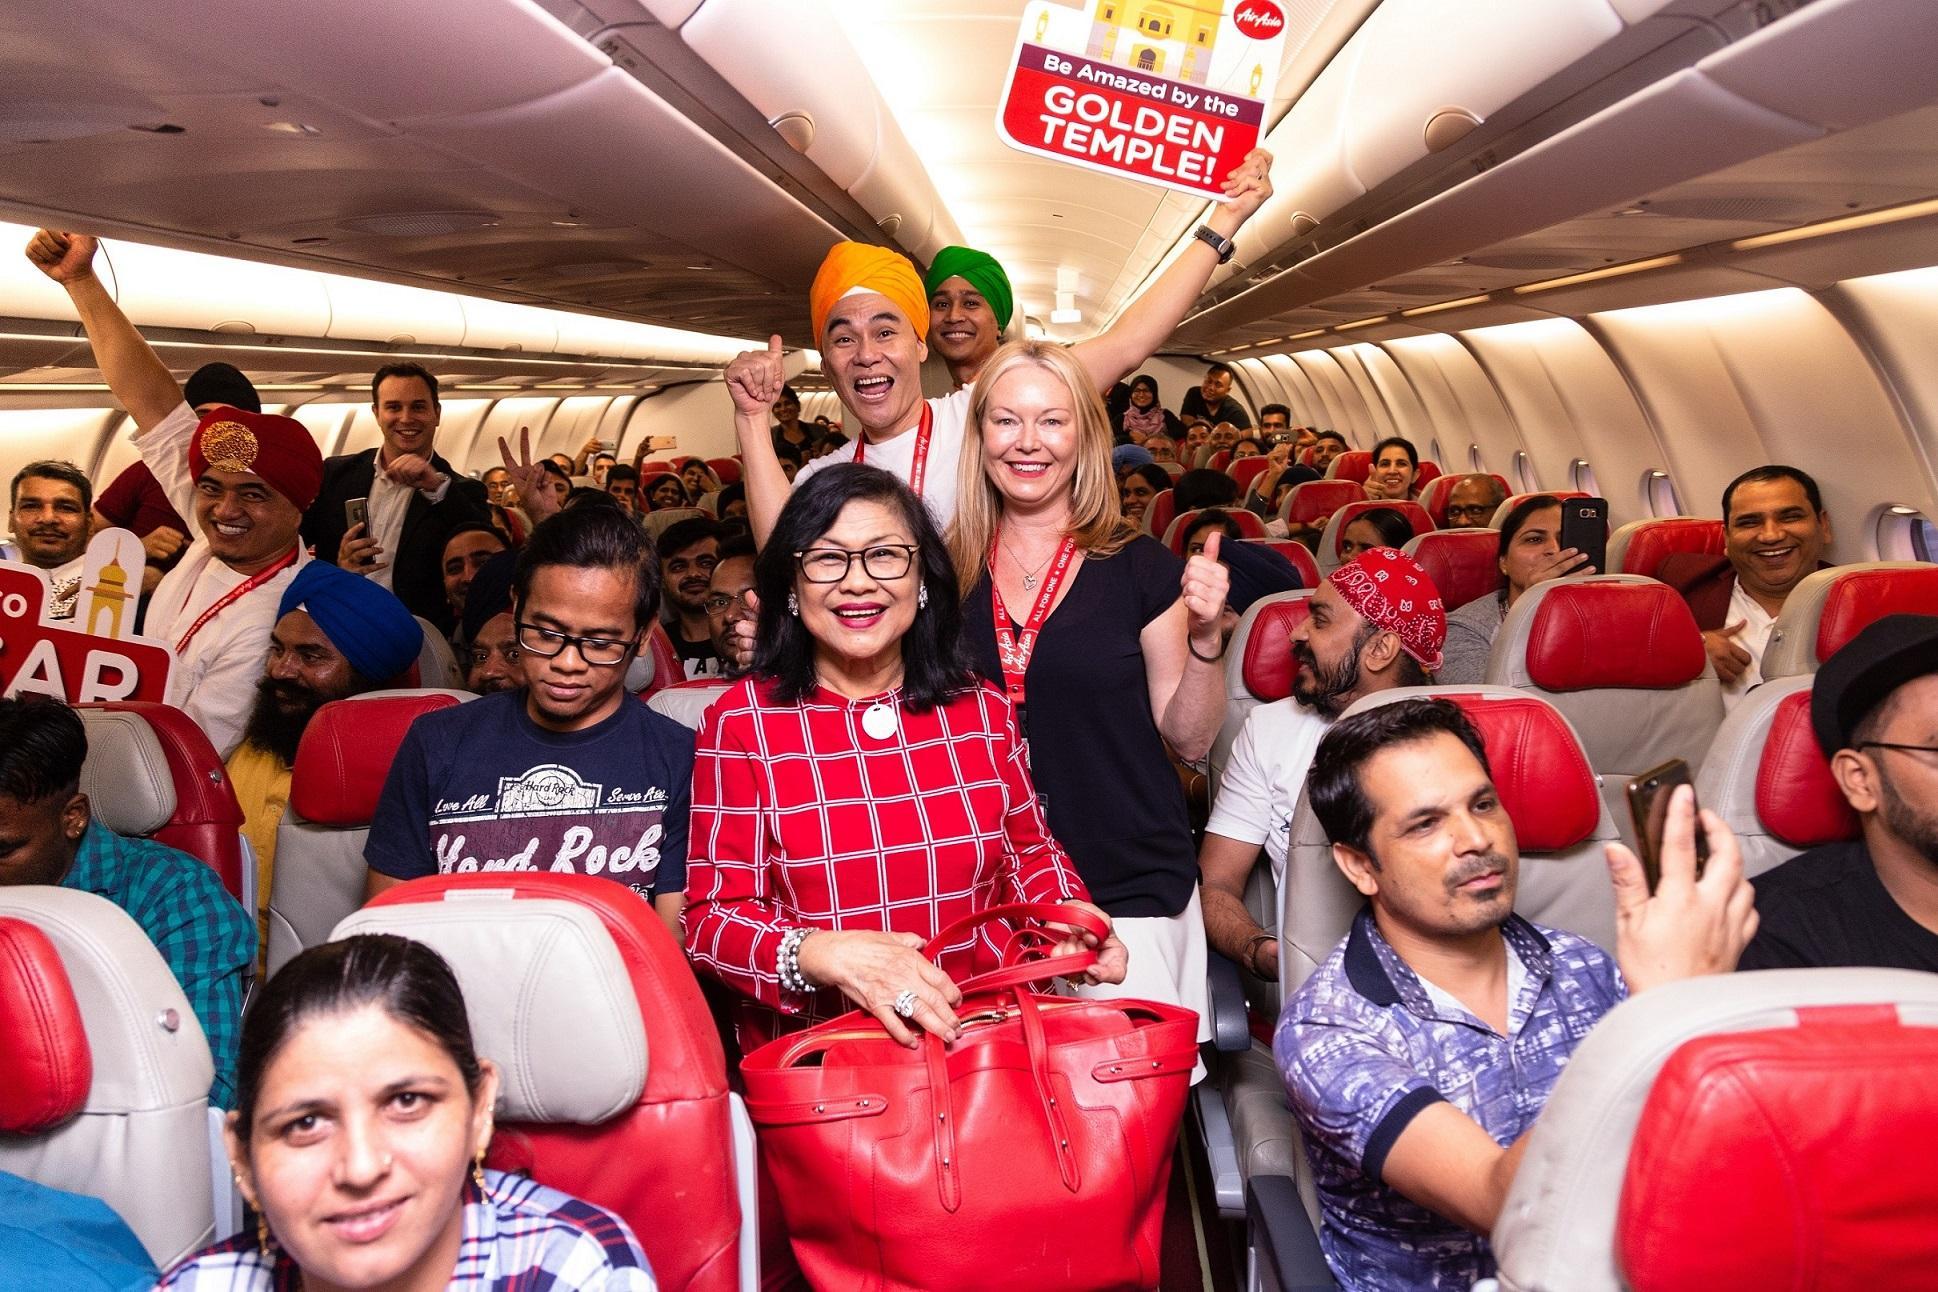 AirAsia - Inaugural flight to Amritsar